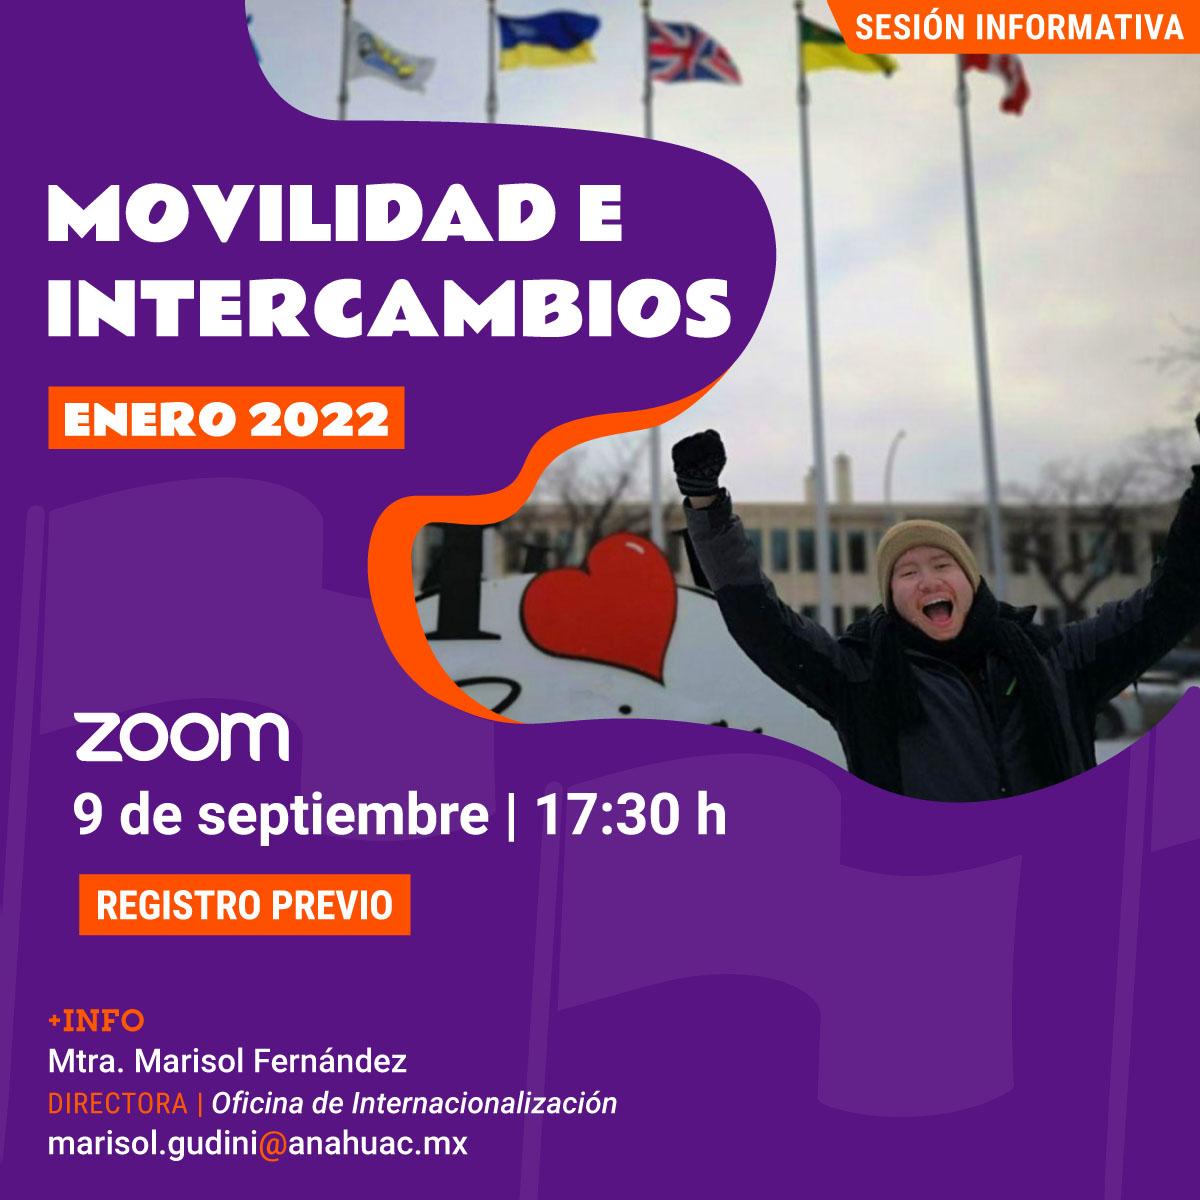 Movilidad e Intercambios 2022